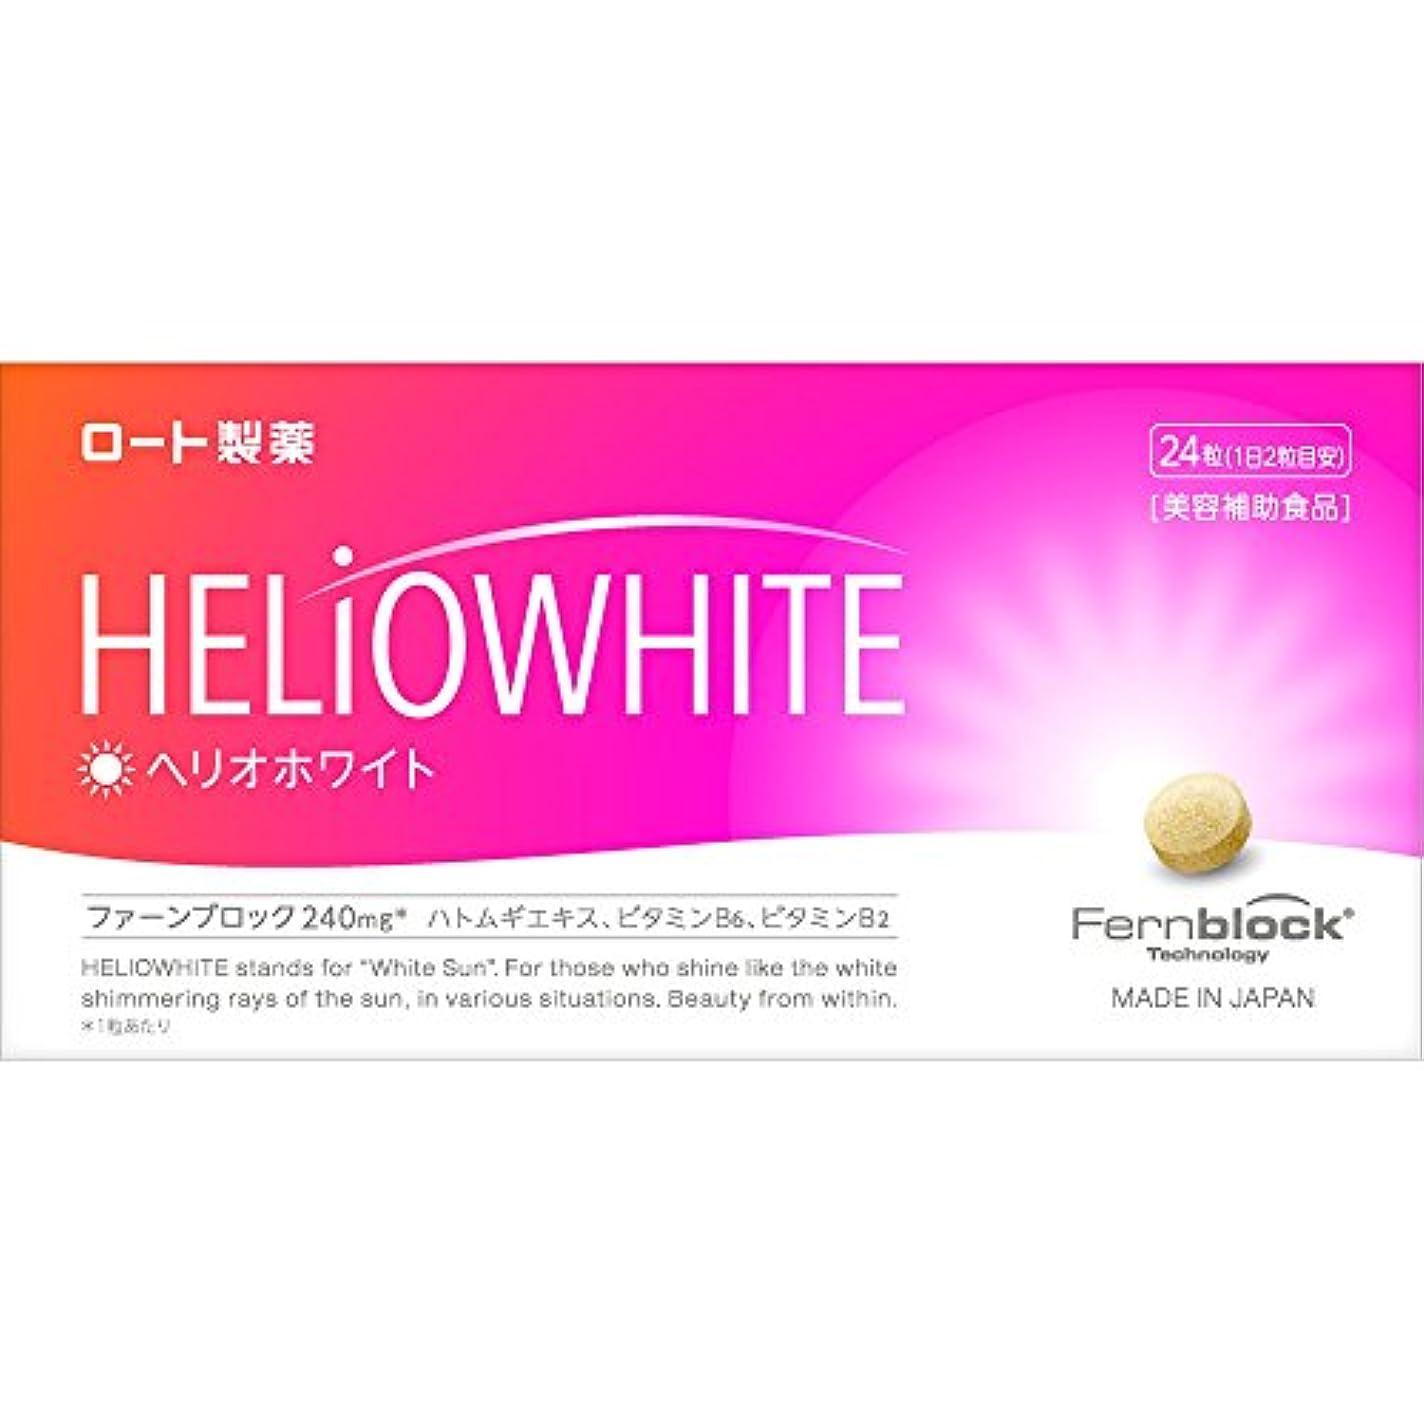 多様体道パントリーロート製薬 ヘリオホワイト 24粒 シダ植物抽出成分 ファーンブロック Fernblock 240mg 配合 美容補助食品